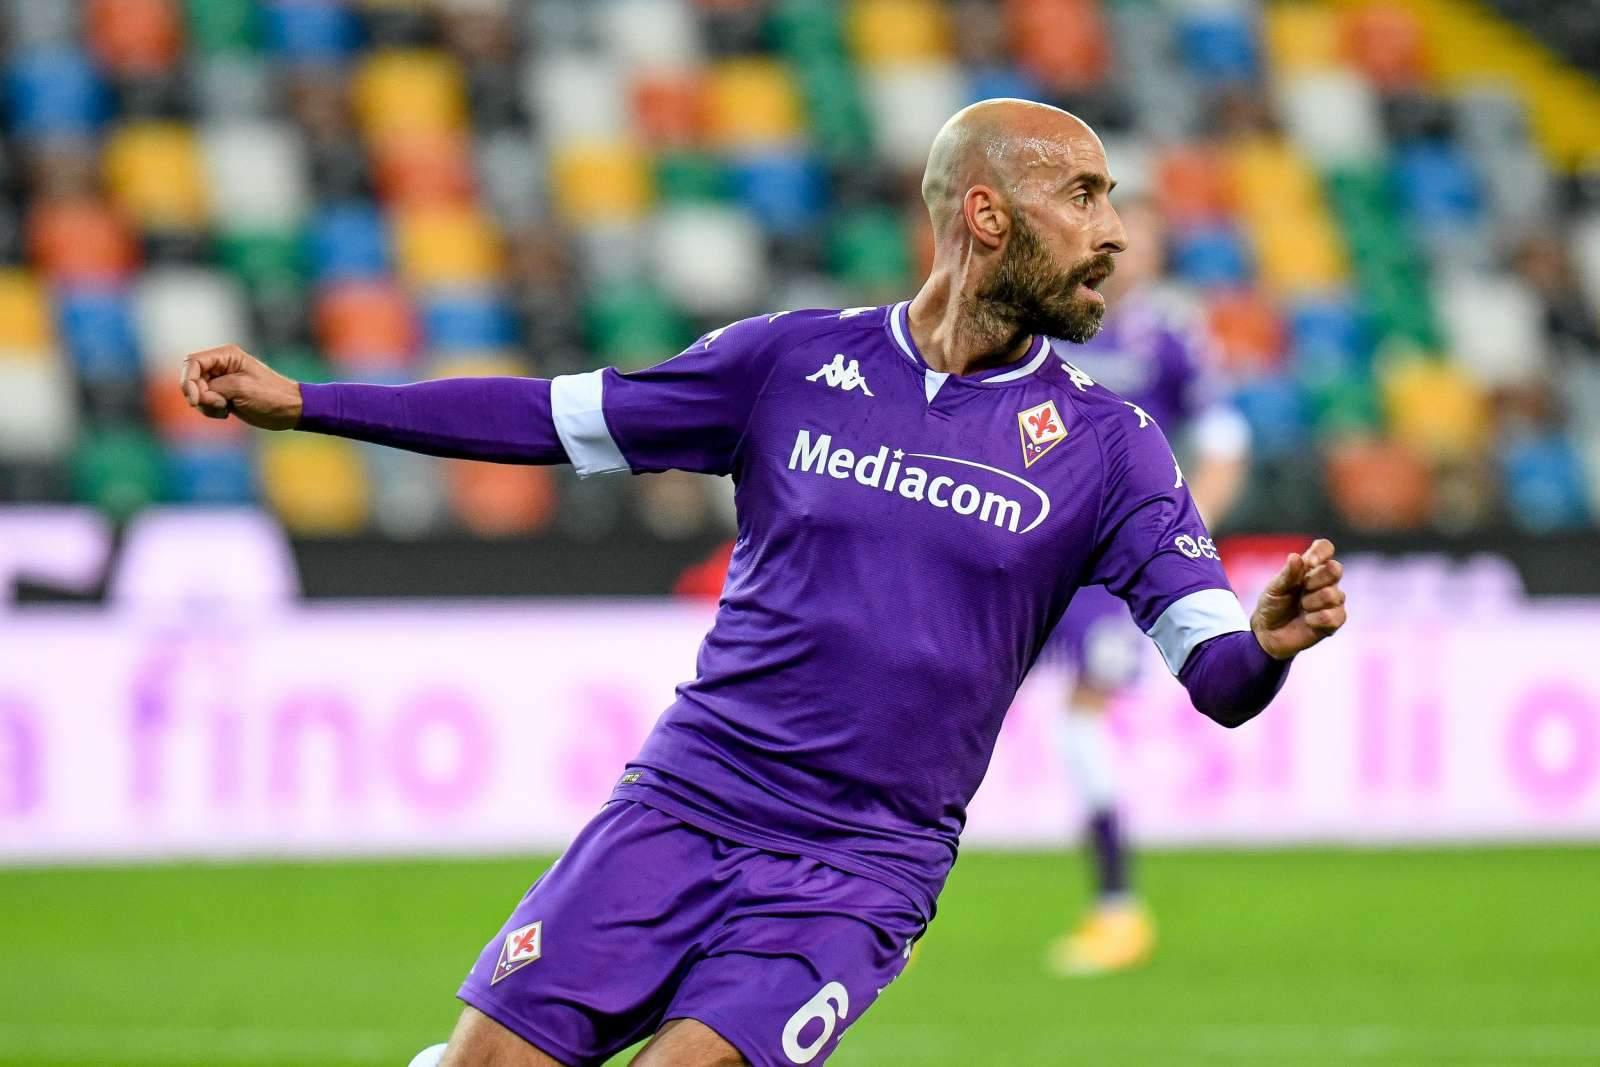 Борха Валеро: «Если бы можно было вернуть время назад, то отказался бы от идеи становиться футболистом»